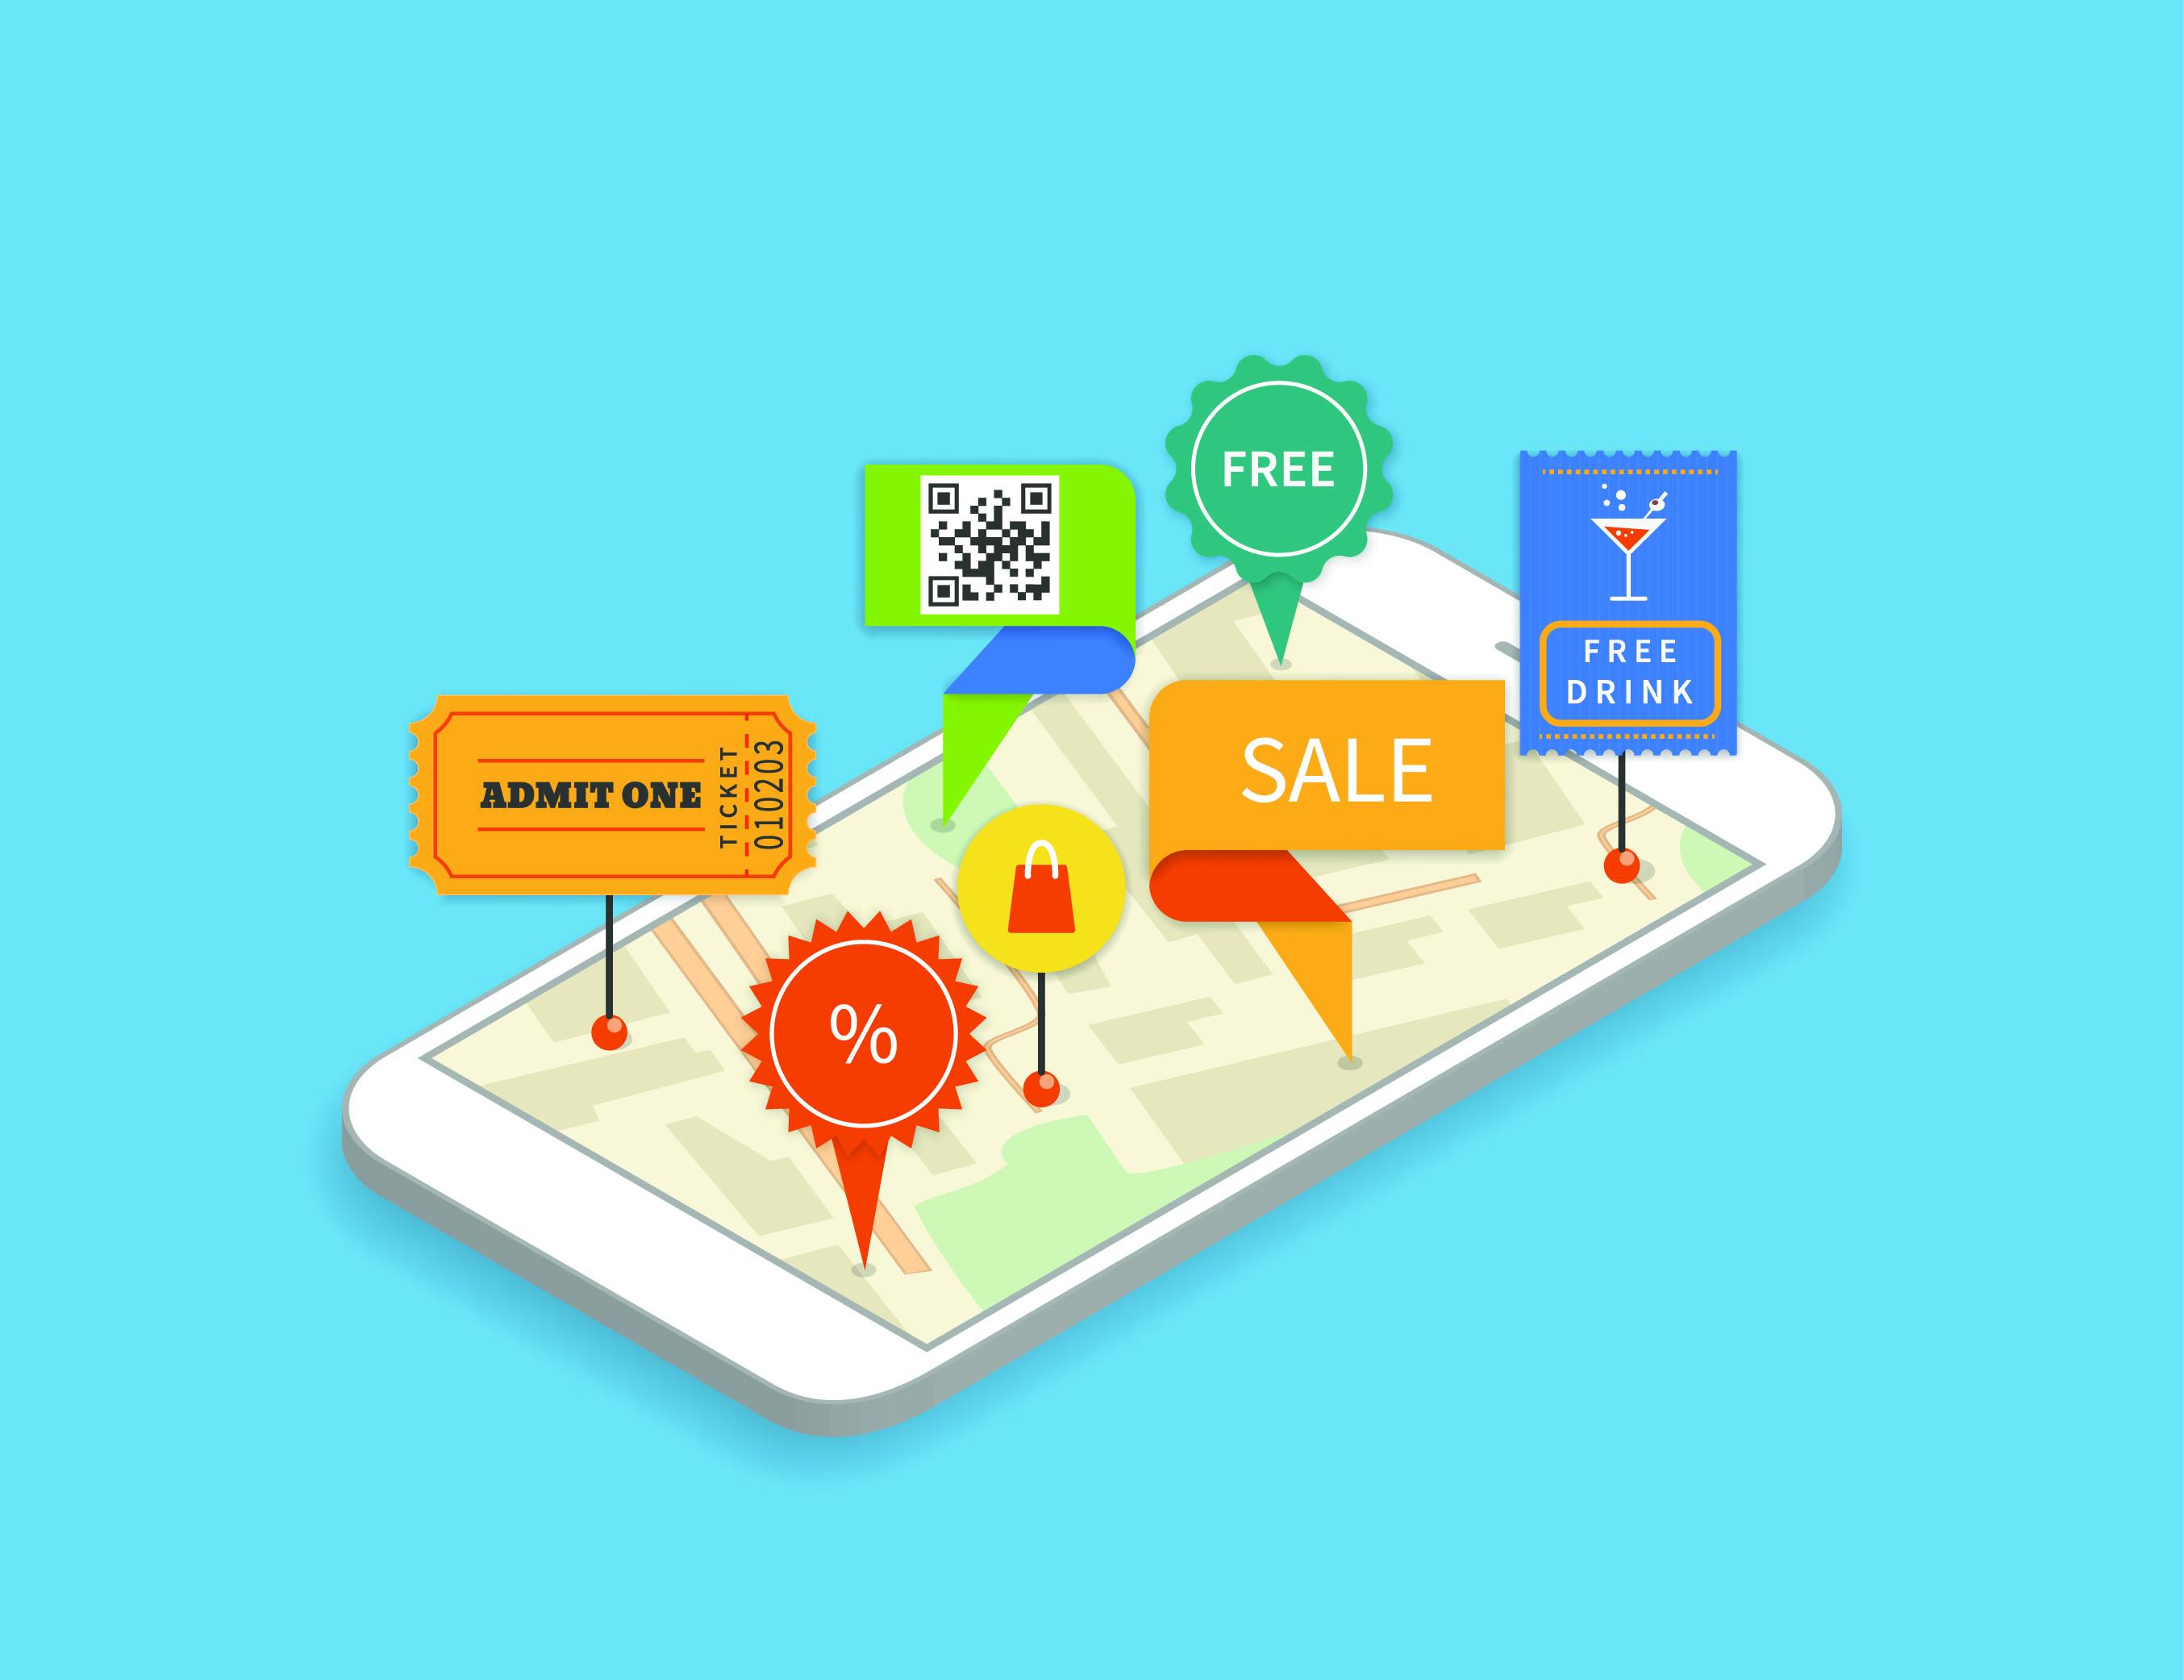 estrategias_de_marketing_digital_para_negocios_locais_.jpg